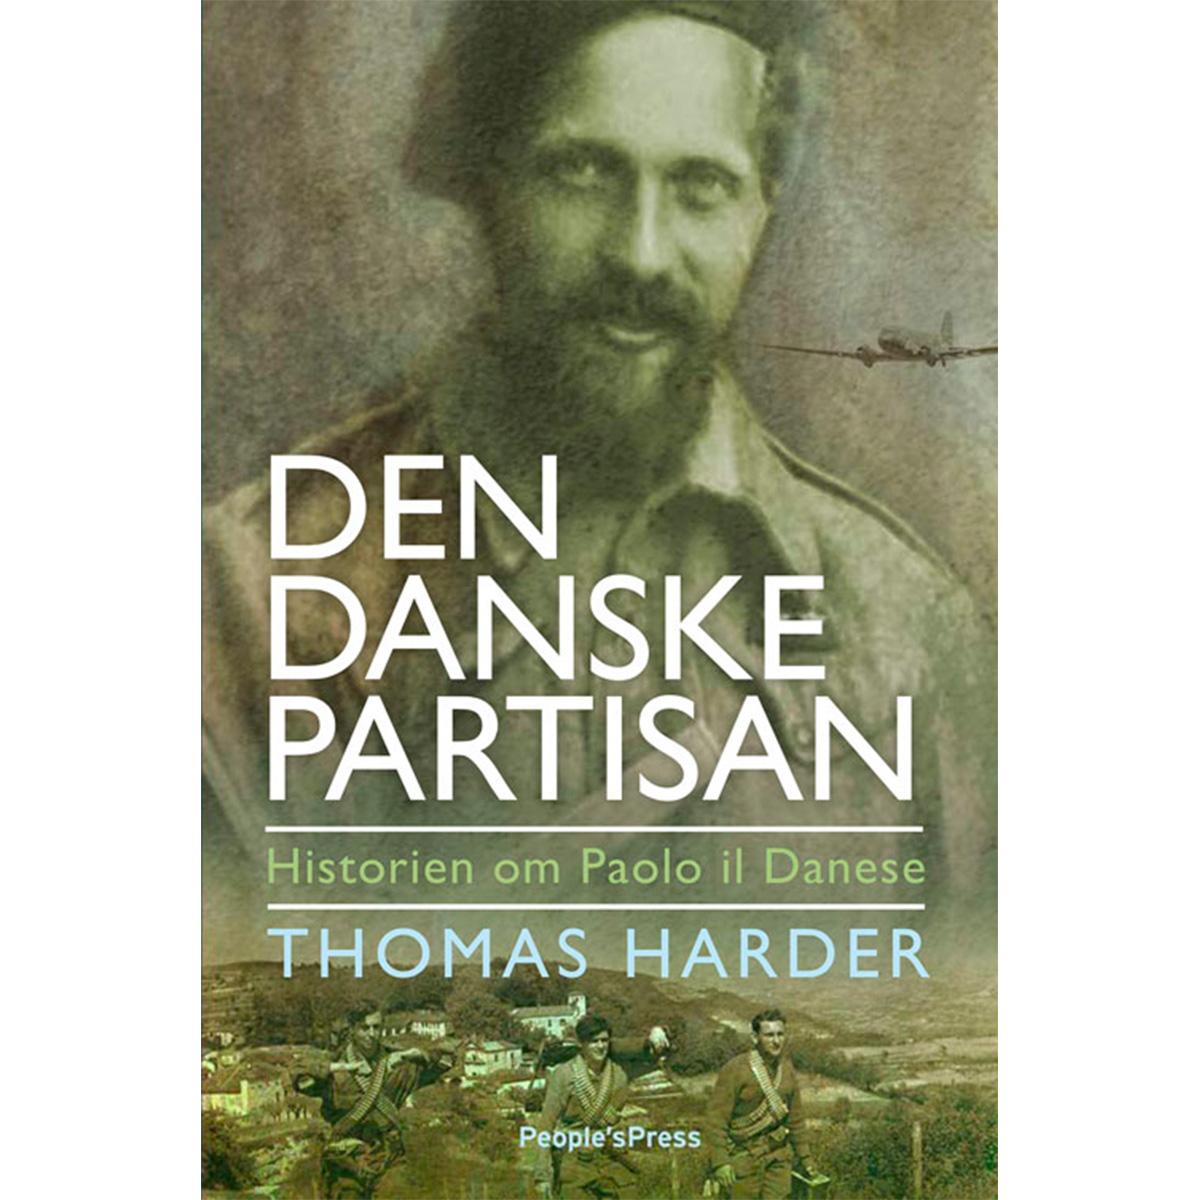 Billede af Den danske partisan - Historien om Paolo il Danese - Hardback